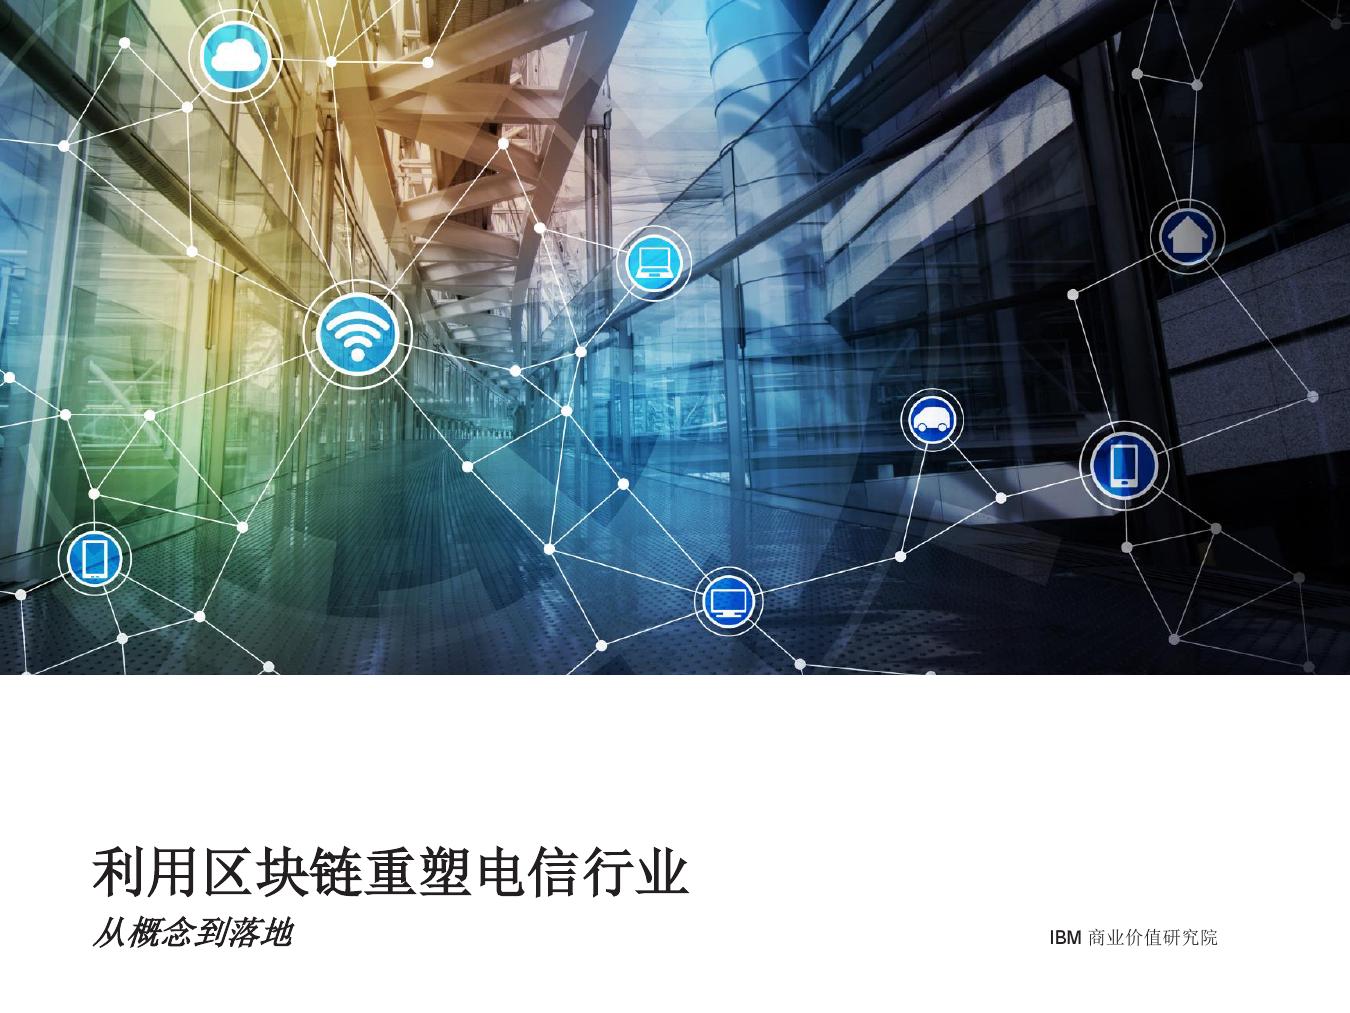 利用区块链重塑电信行业:从概念到落地(附下载)